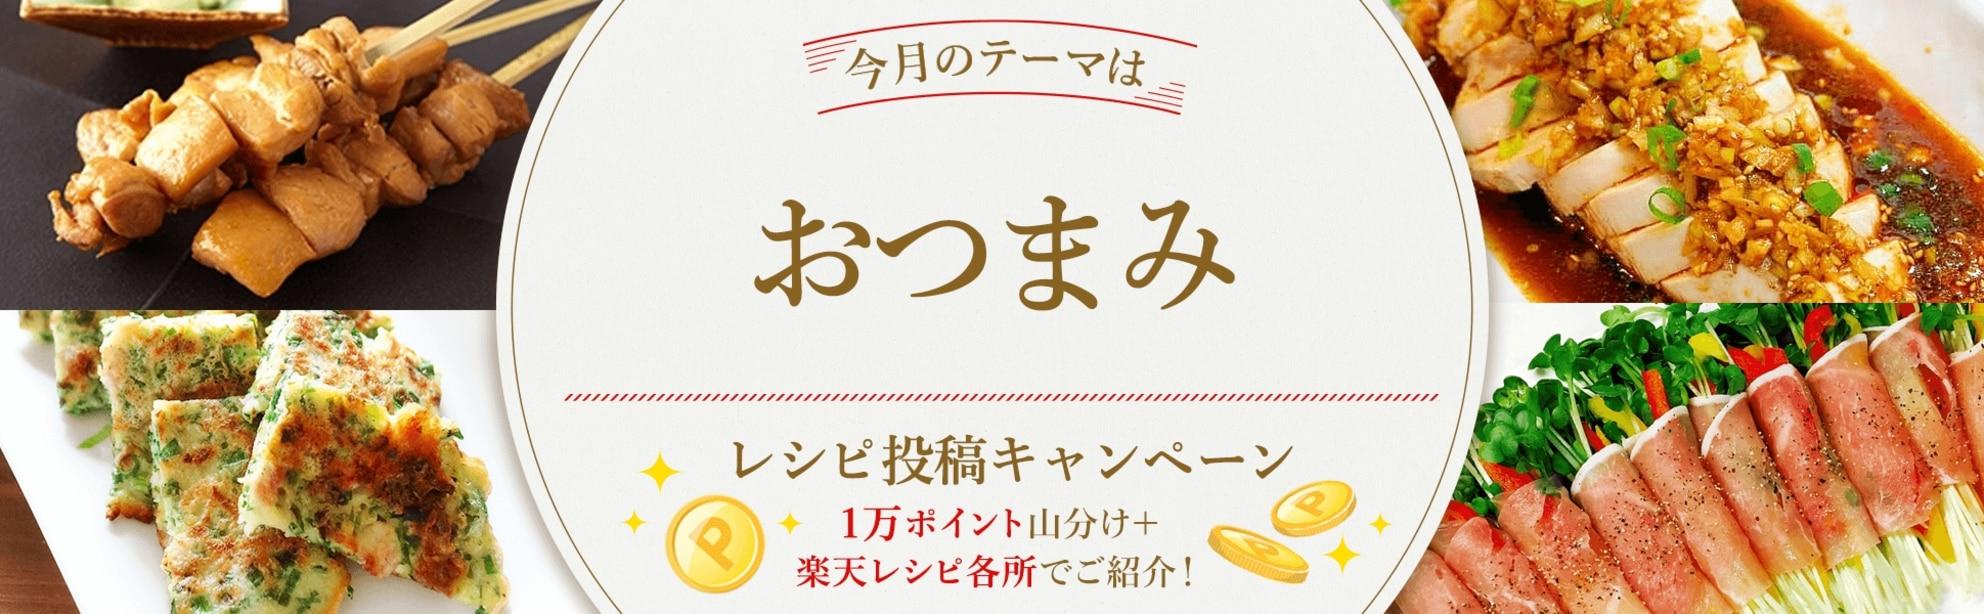 【毎月開催!】自慢のレシピ大募集♪<今月のテーマは「おつまみ」!>